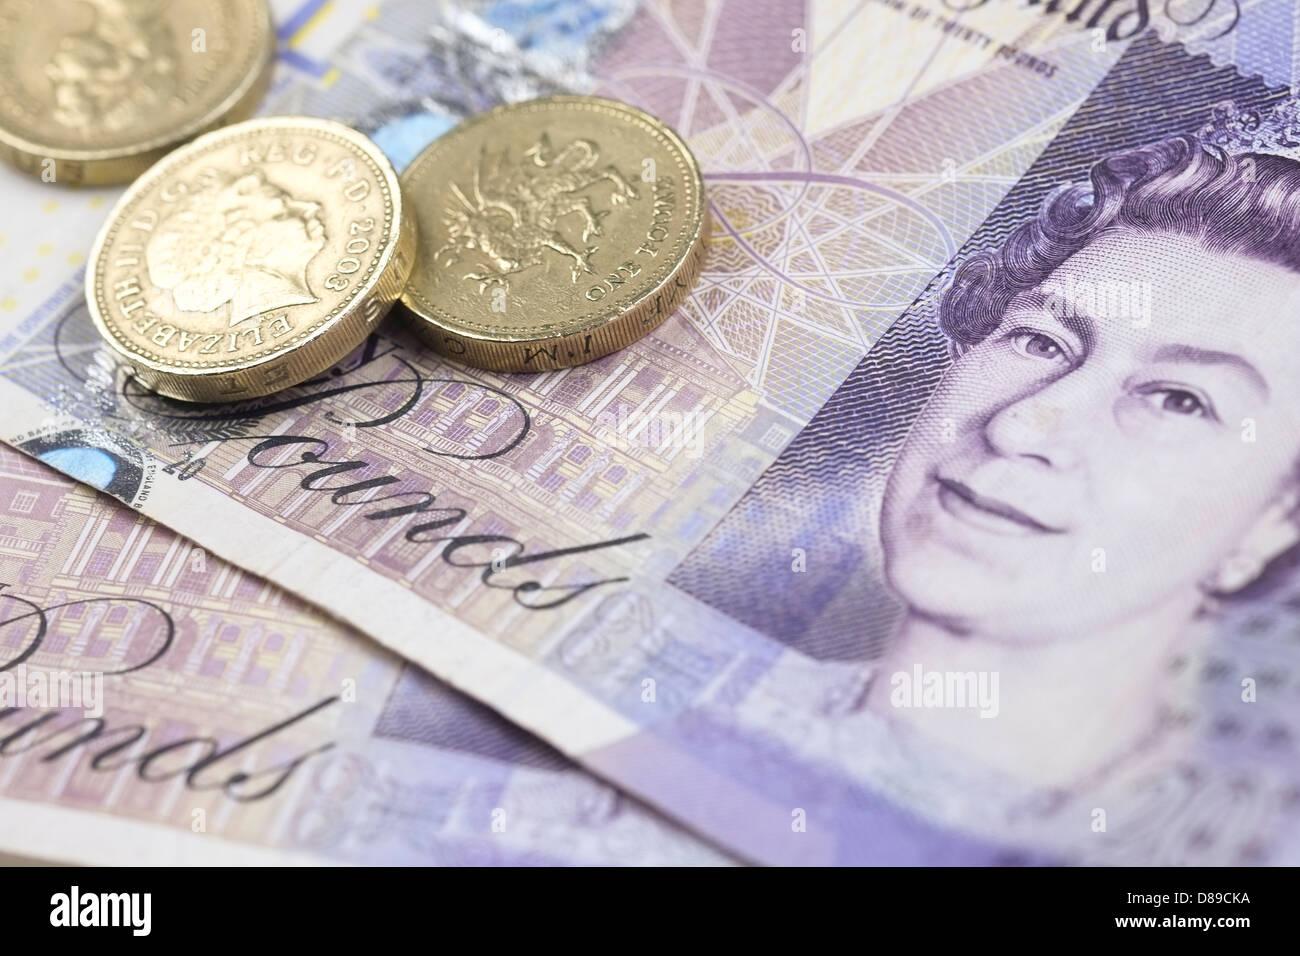 Three pound coins on a twenty pound note. - Stock Image